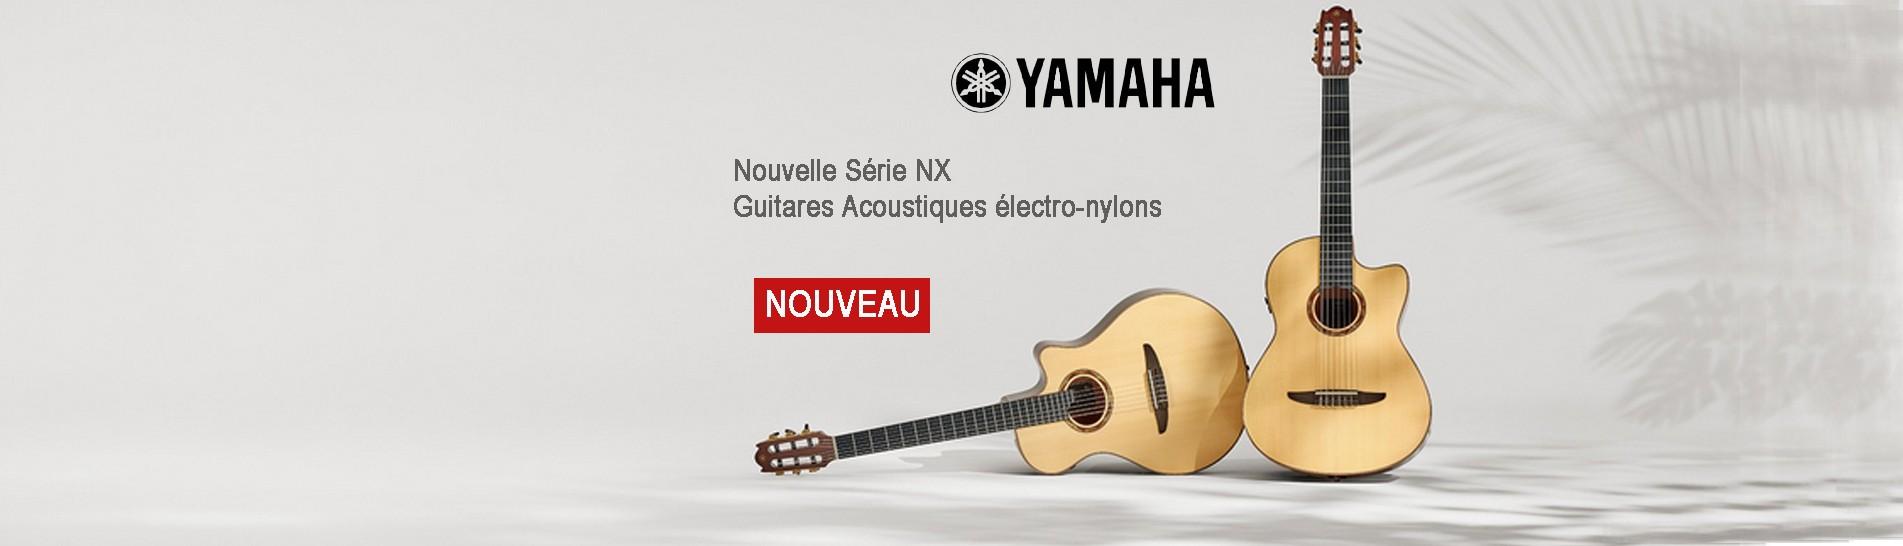 Guitares Acoustiques électro-nylons série NTX Yamaha